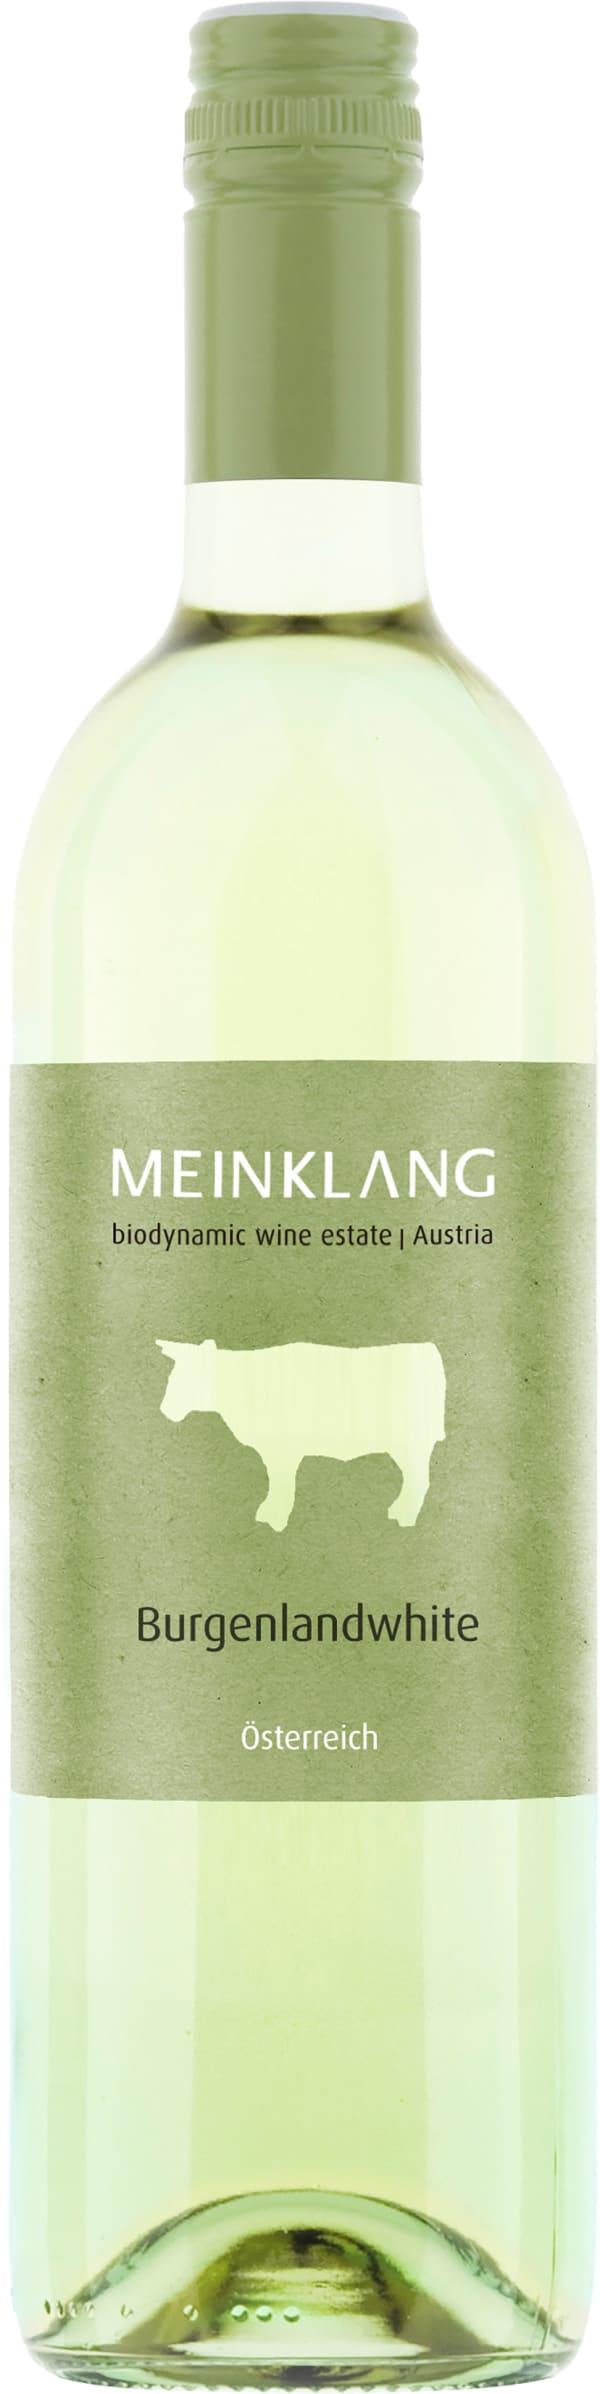 Meinklang Burgenlandwhite 2017